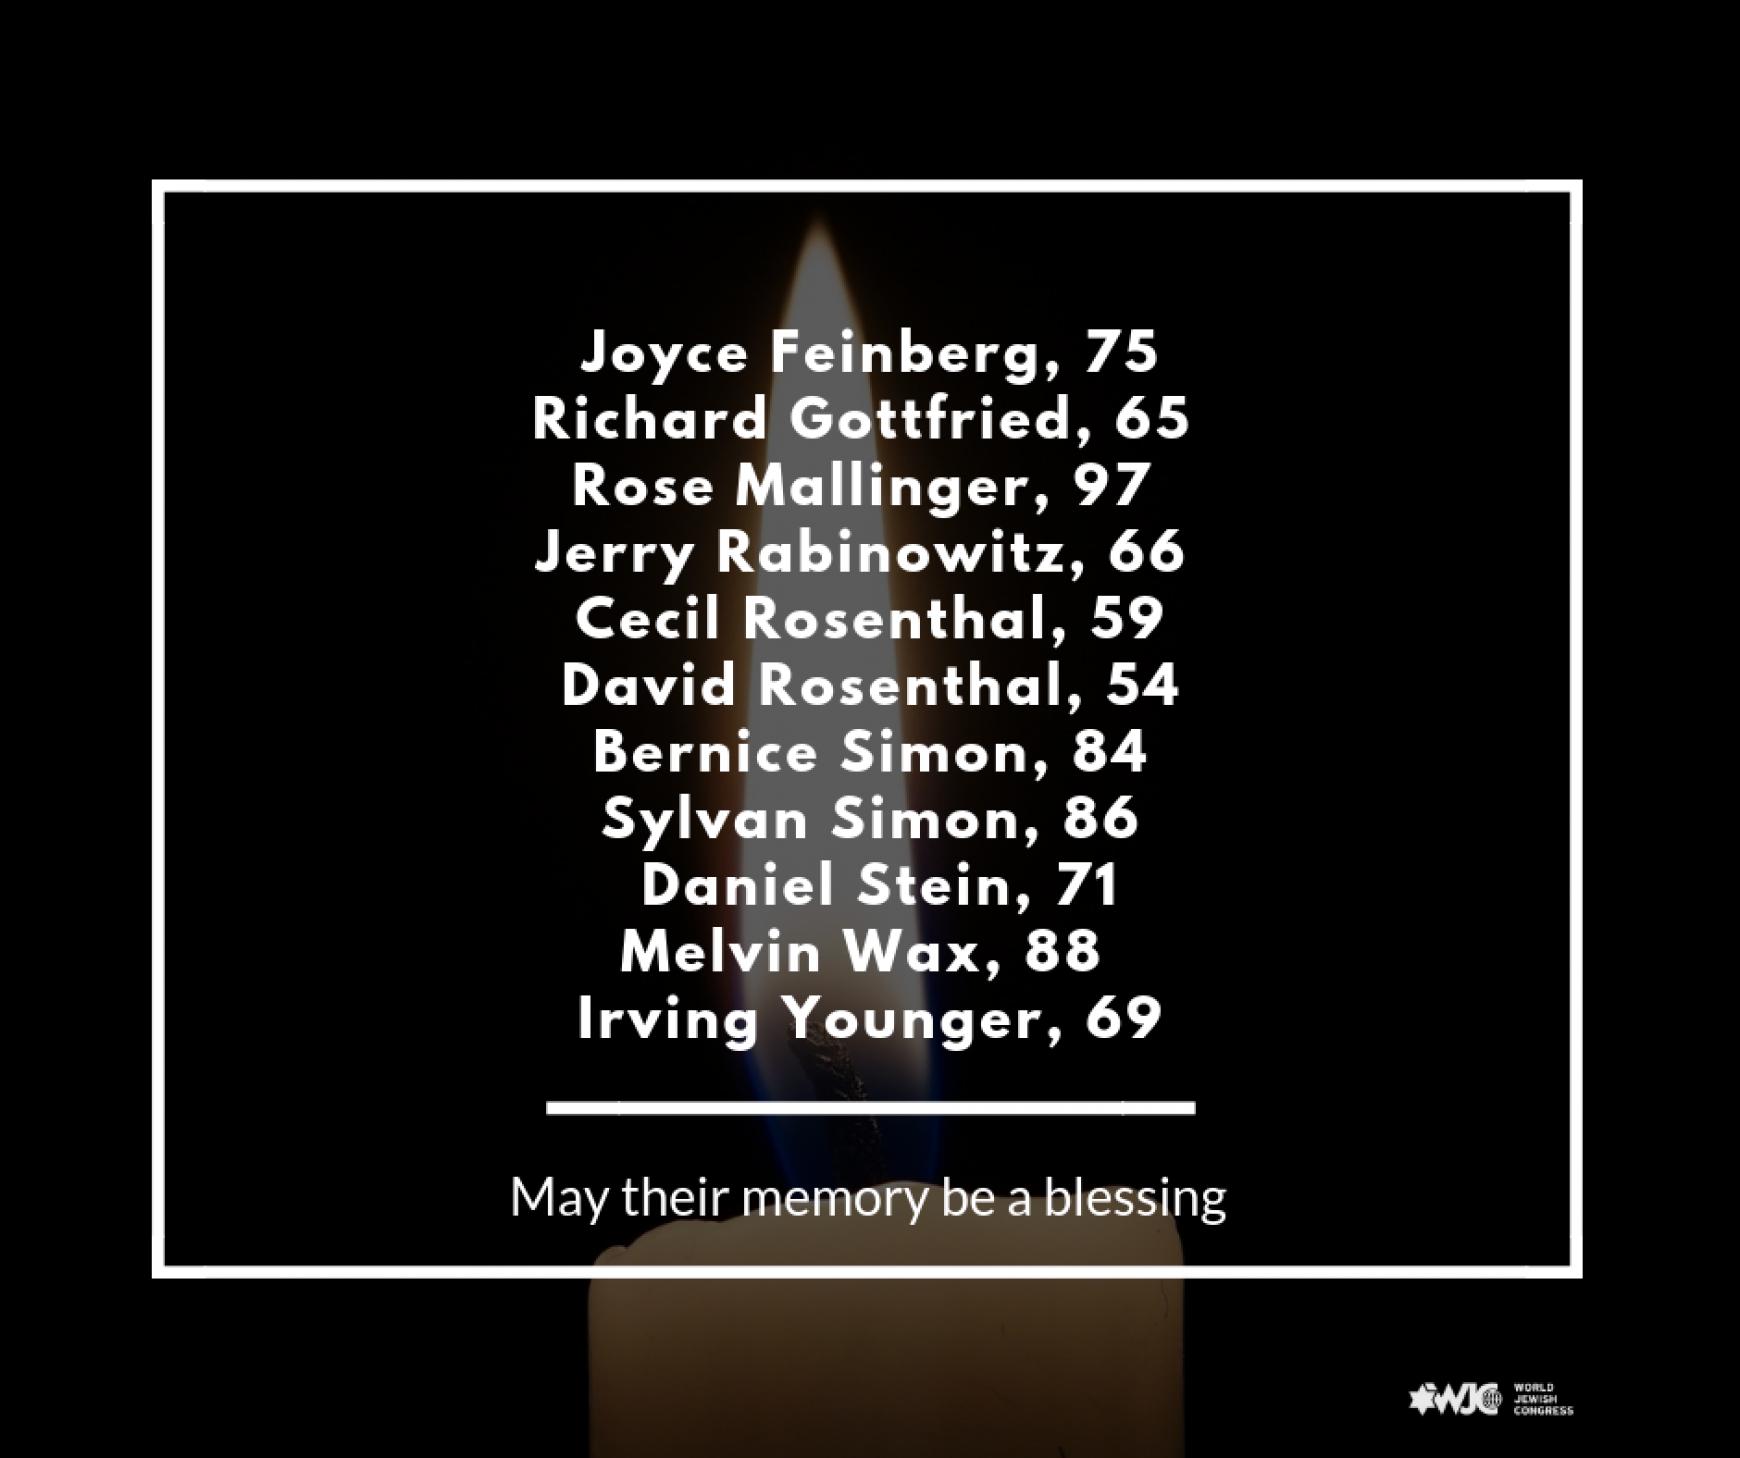 ΠΟΛΥΝΕΚΡΗ ΑΝΤΙΣΗΜΙΤΙΚΗ ΕΠΙΘΕΣΗ ΣΕ ΣΥΝΑΓΩΓΗ ΤΟΥ PITTSBURGH, ΗΠΑ